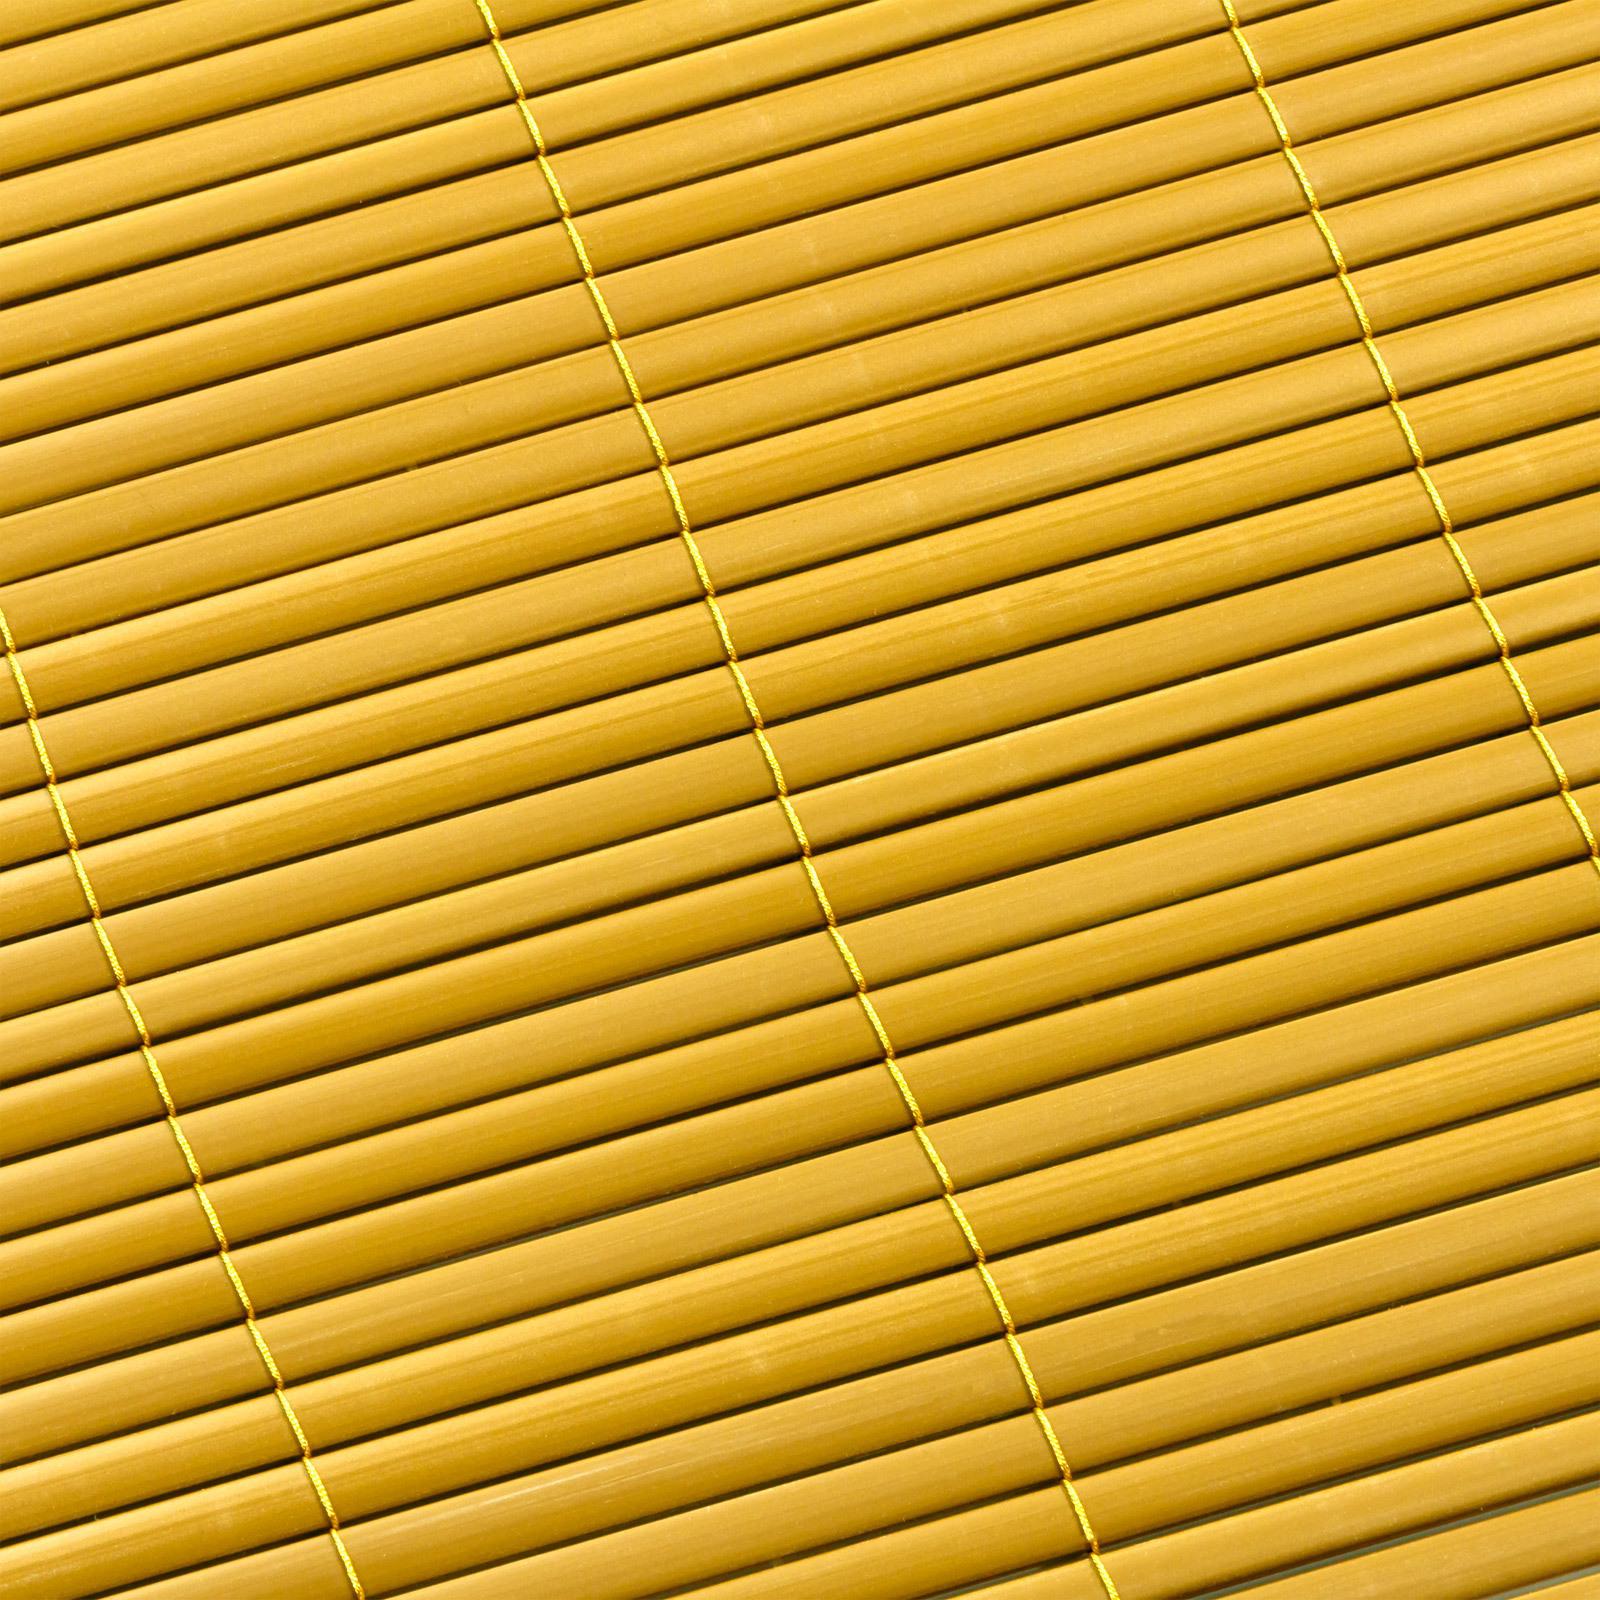 sichtschutzmatte sichtschutz balkonsichtschutz garten matte 120x500cm pvc bambus ebay. Black Bedroom Furniture Sets. Home Design Ideas